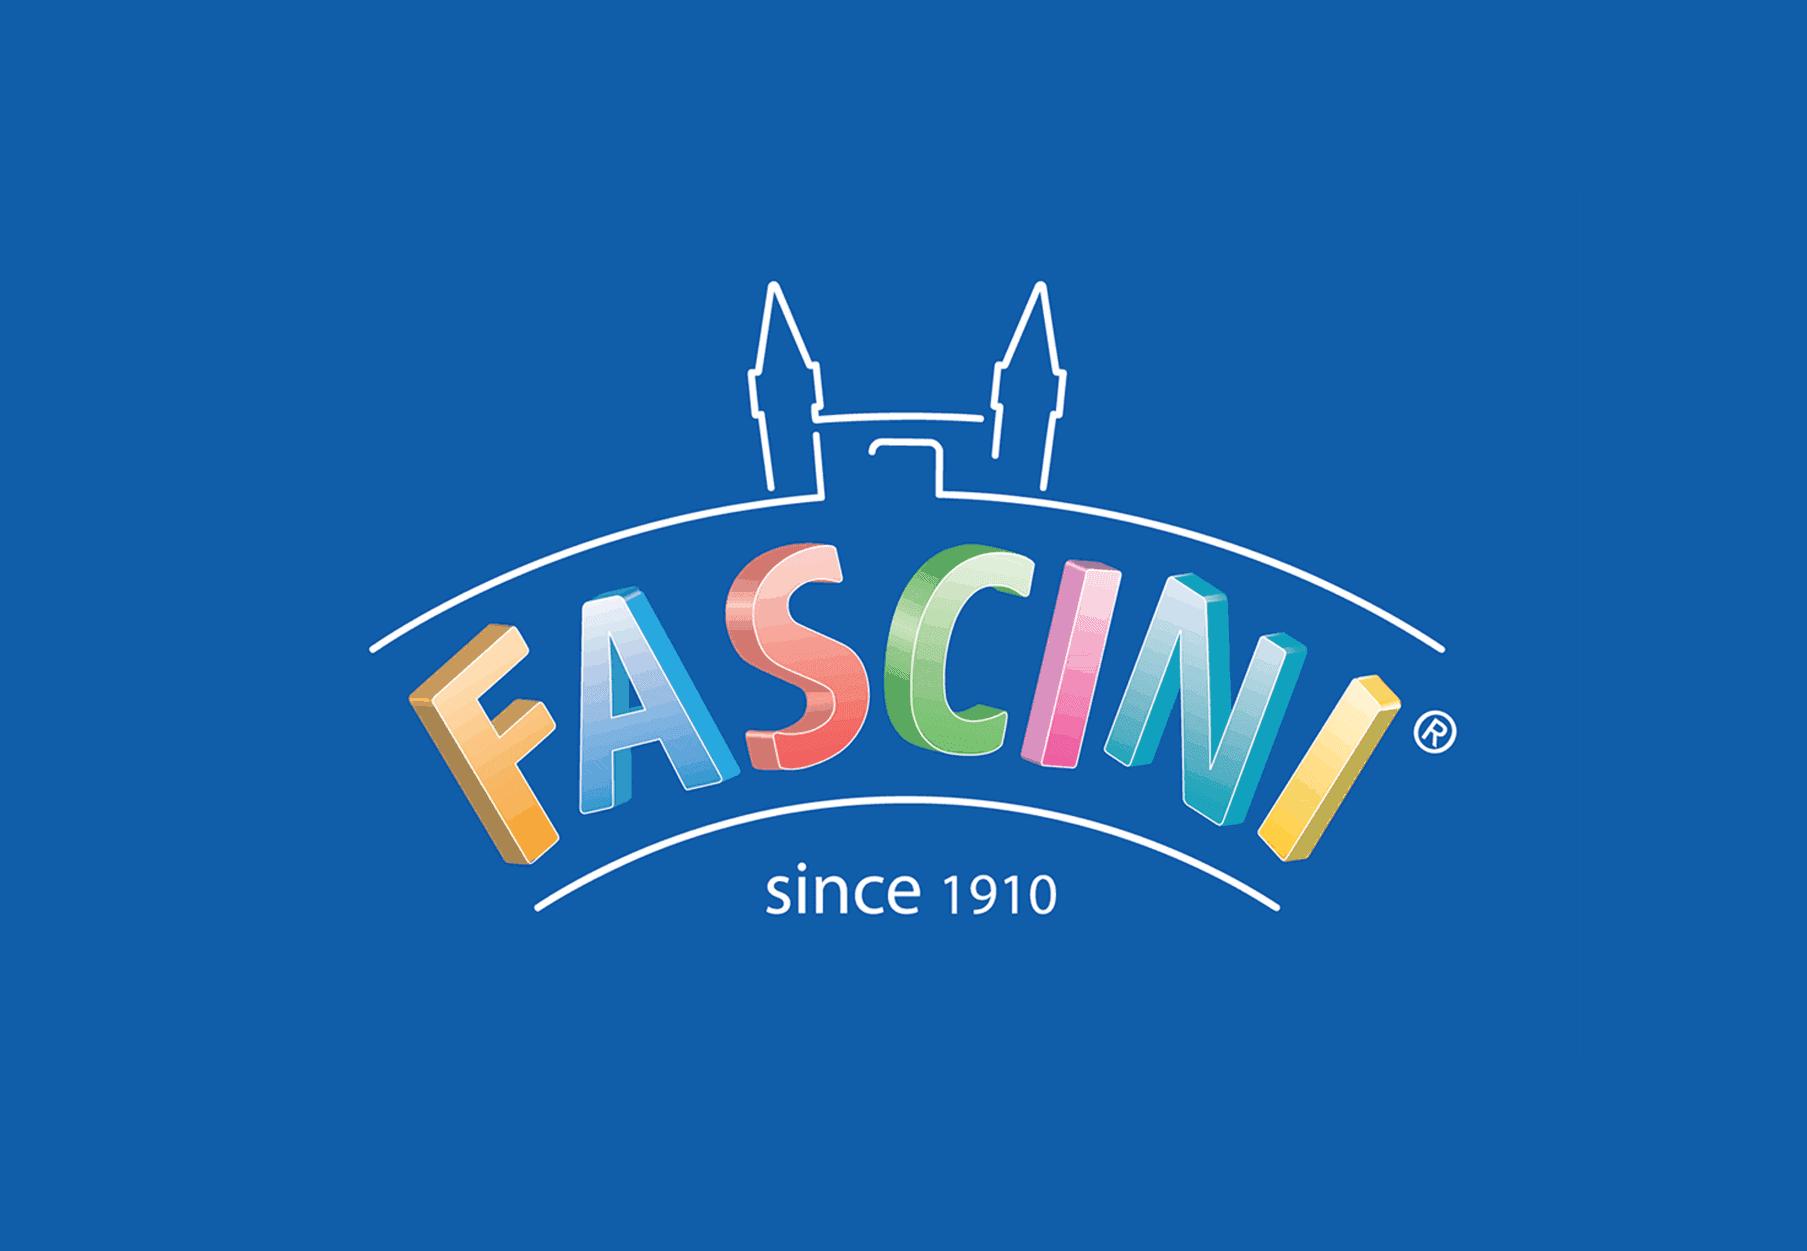 FASCINI-logo-ylf